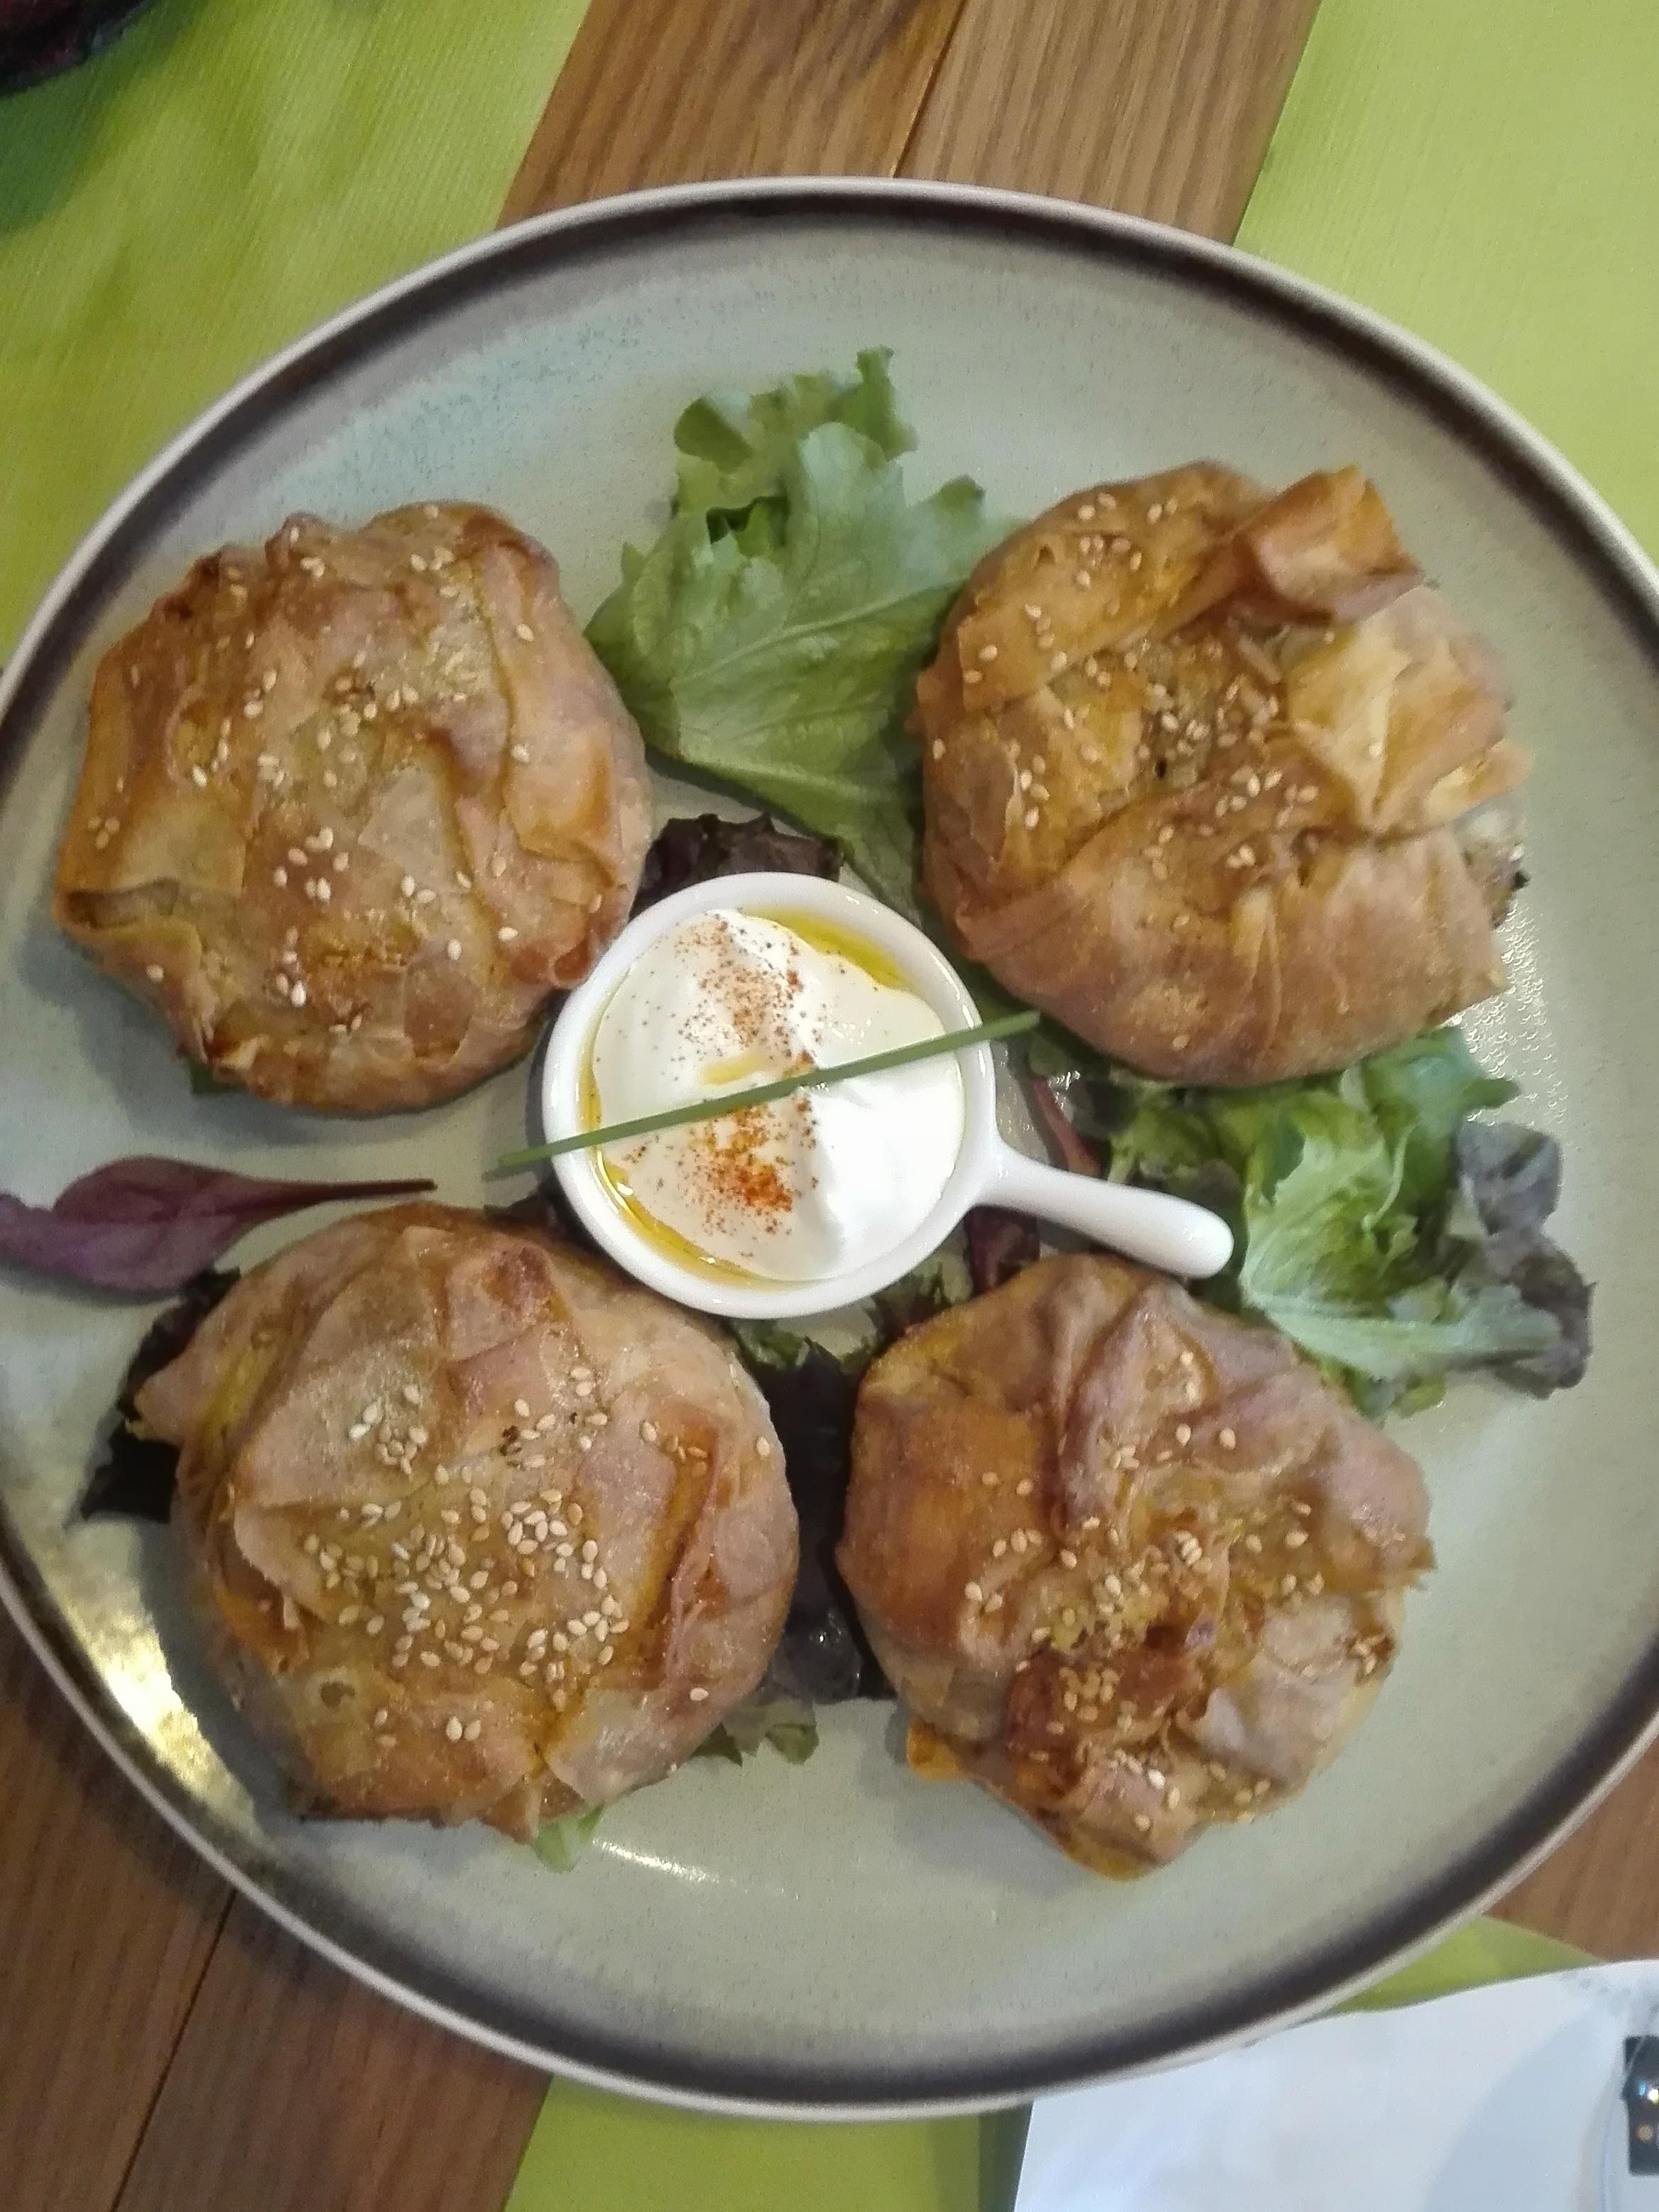 Ηπειρώτικη χορτόπιτα με αγριομάραθο Κρήτης και ραδίκια